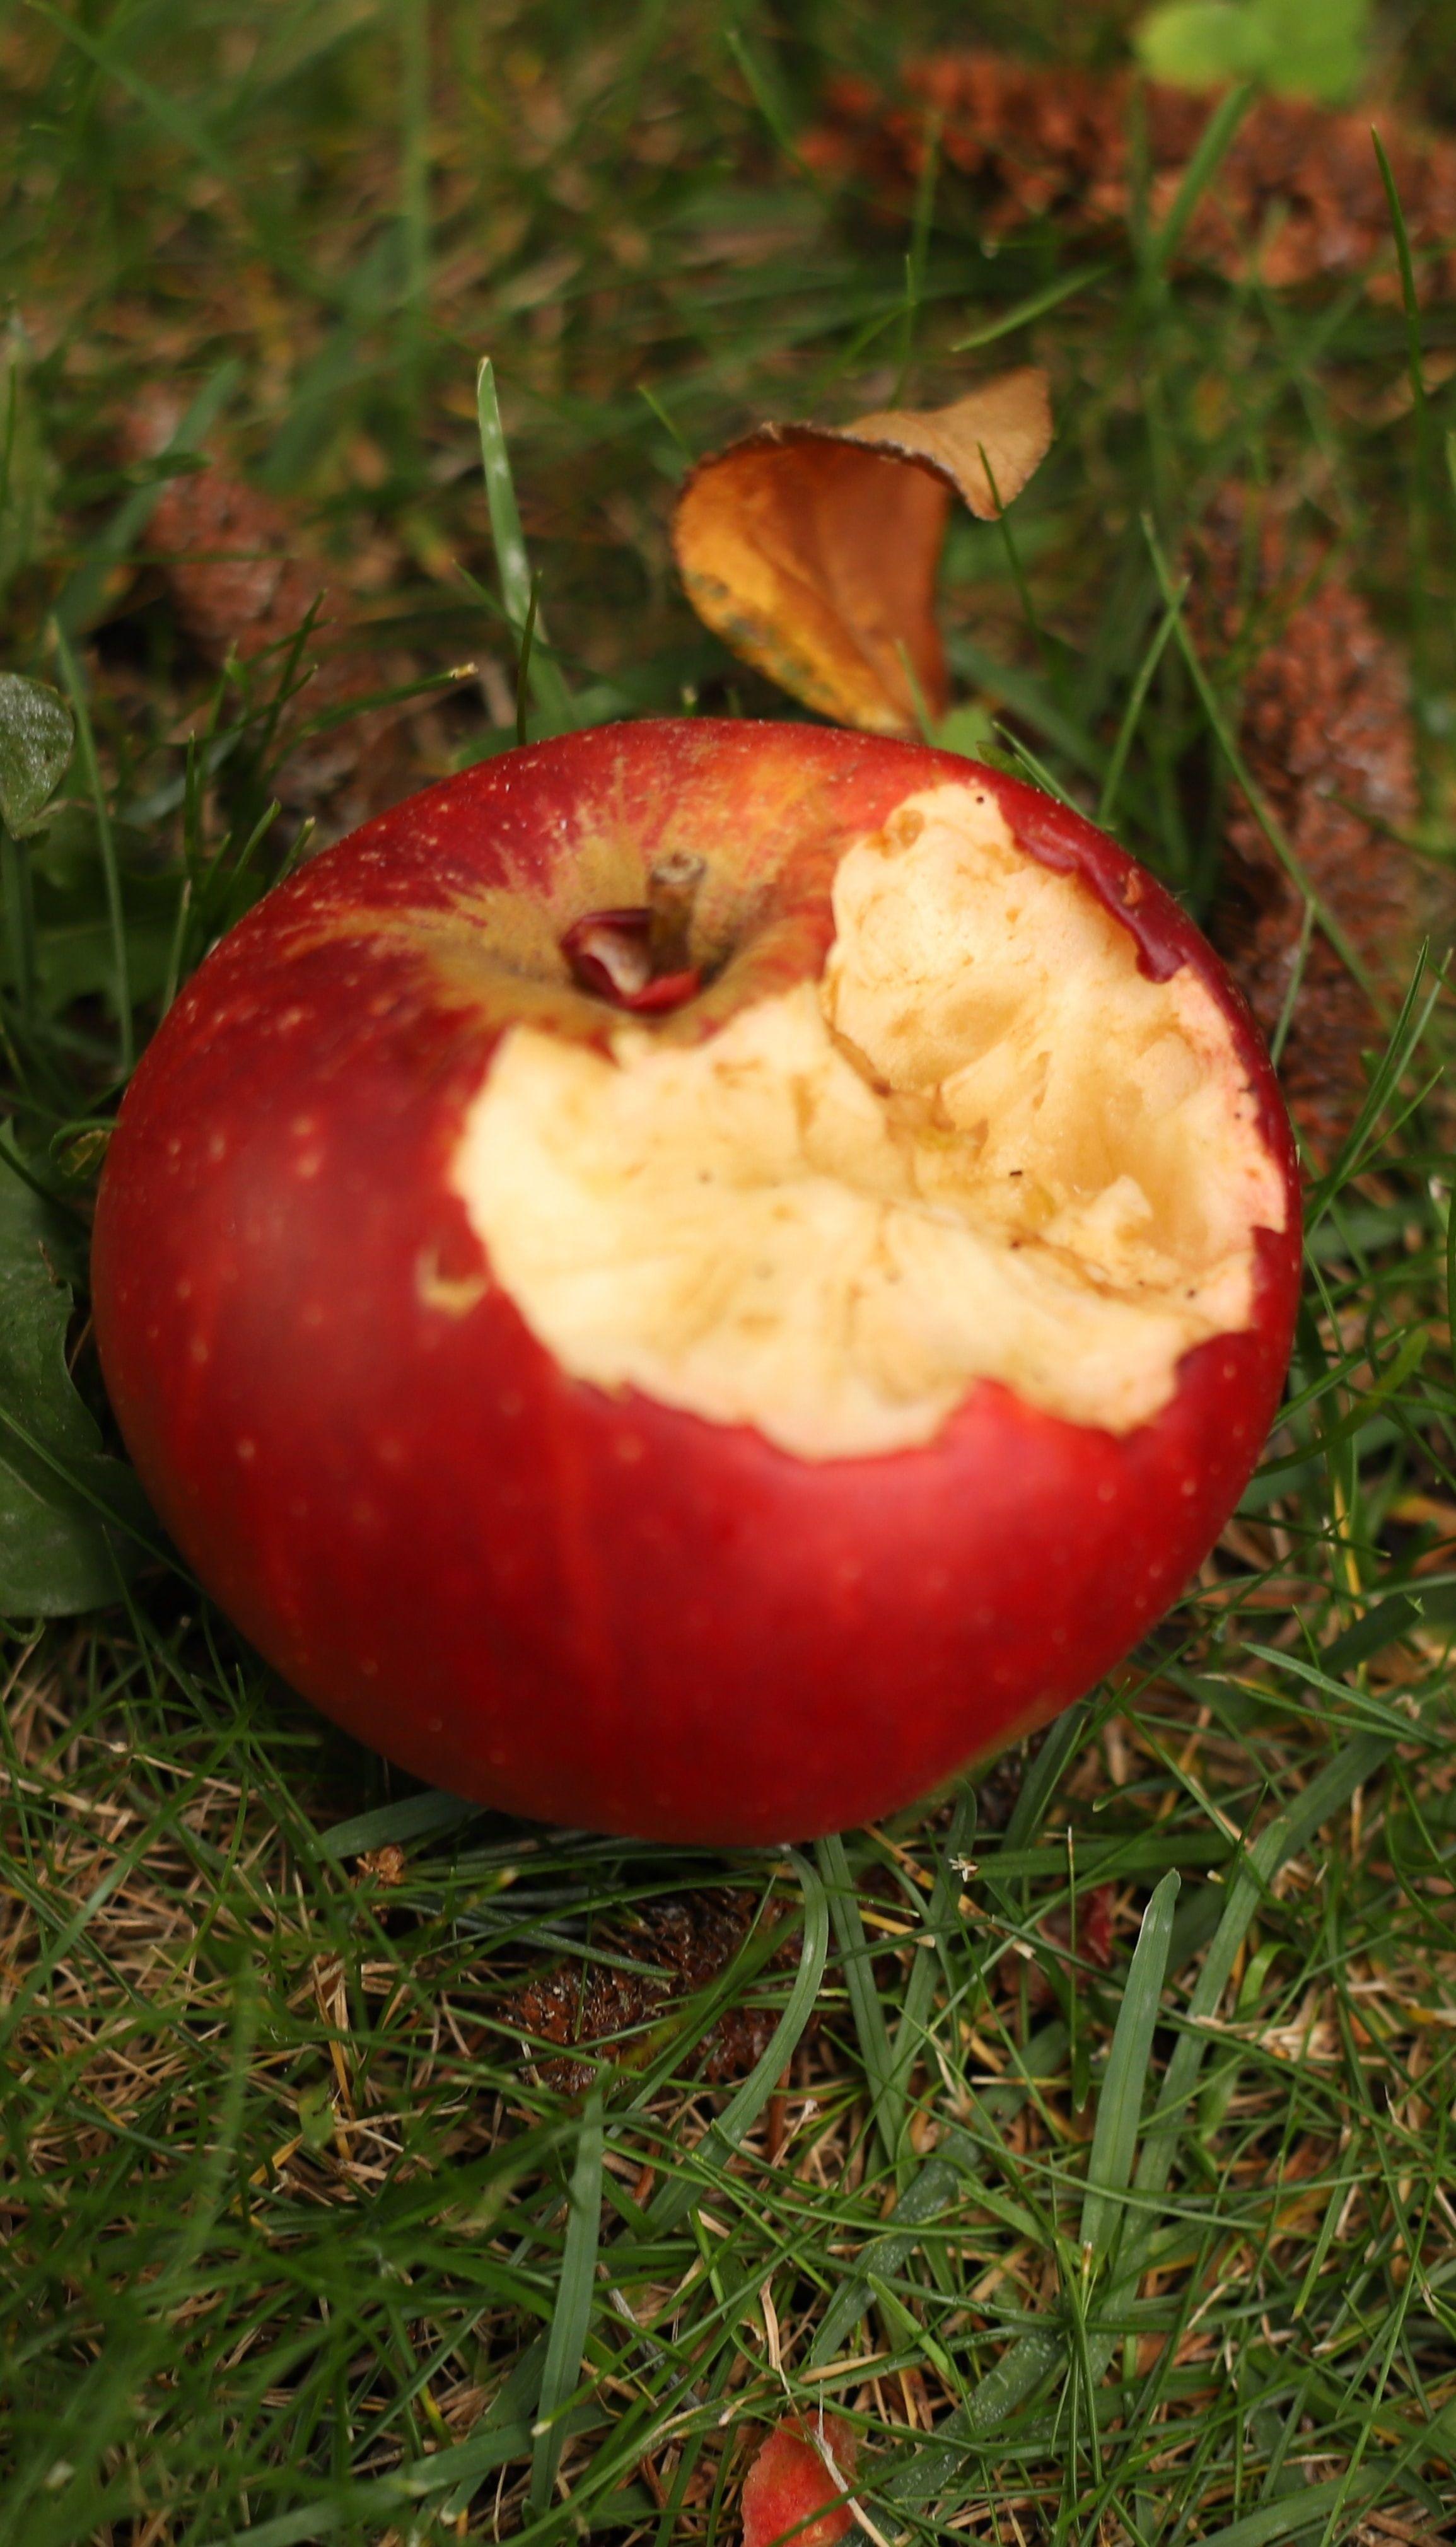 Два яблока в день защитят организм от сердечных заболеваний - ученые